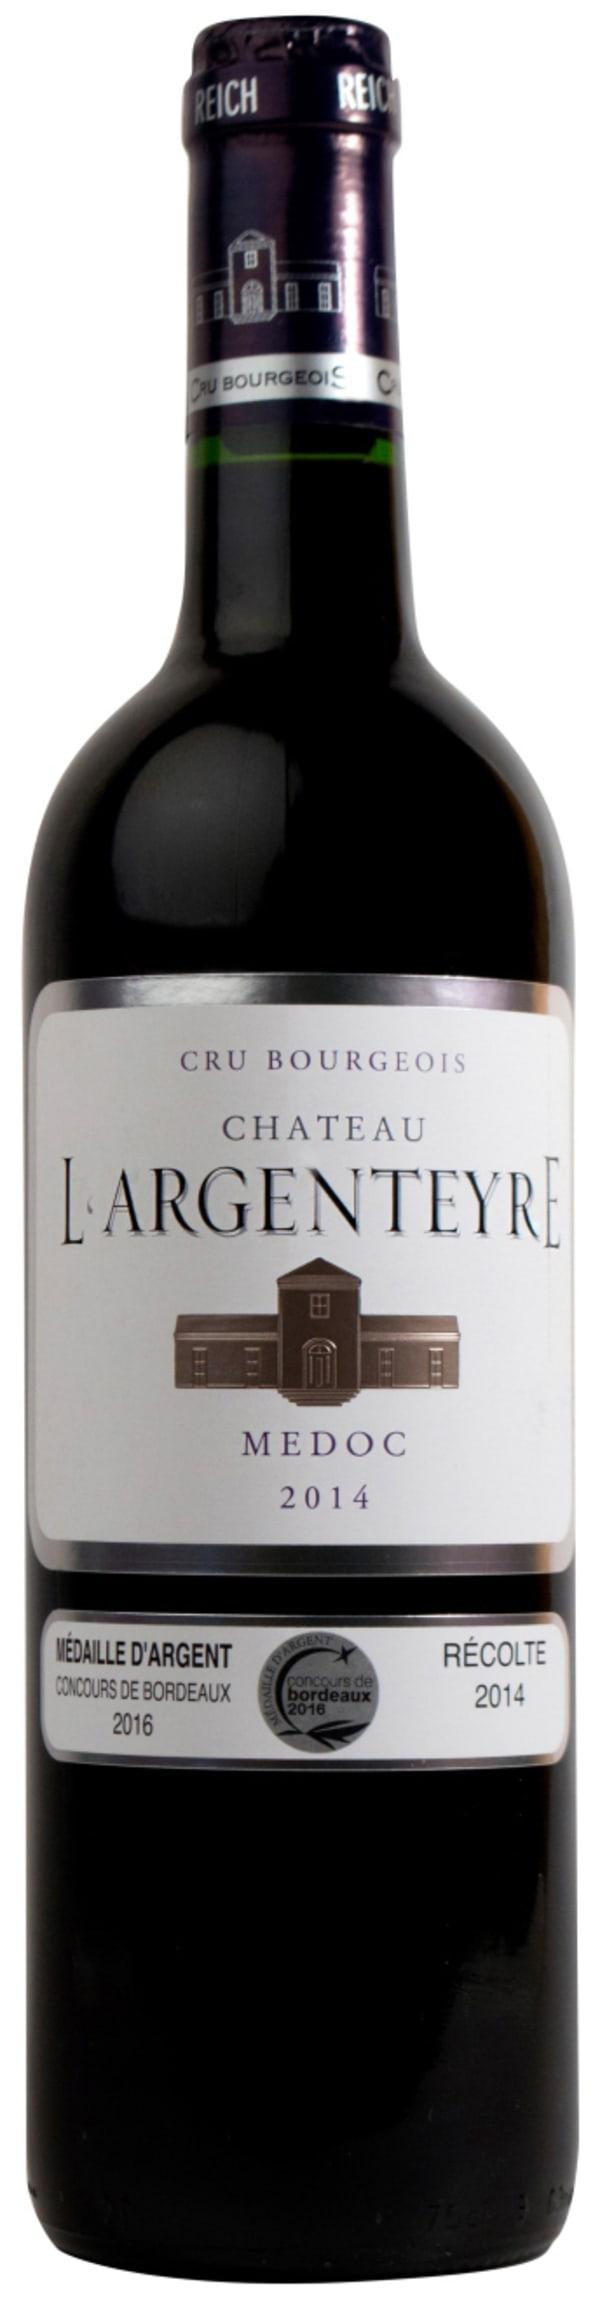 Château L'Argenteyre 2014